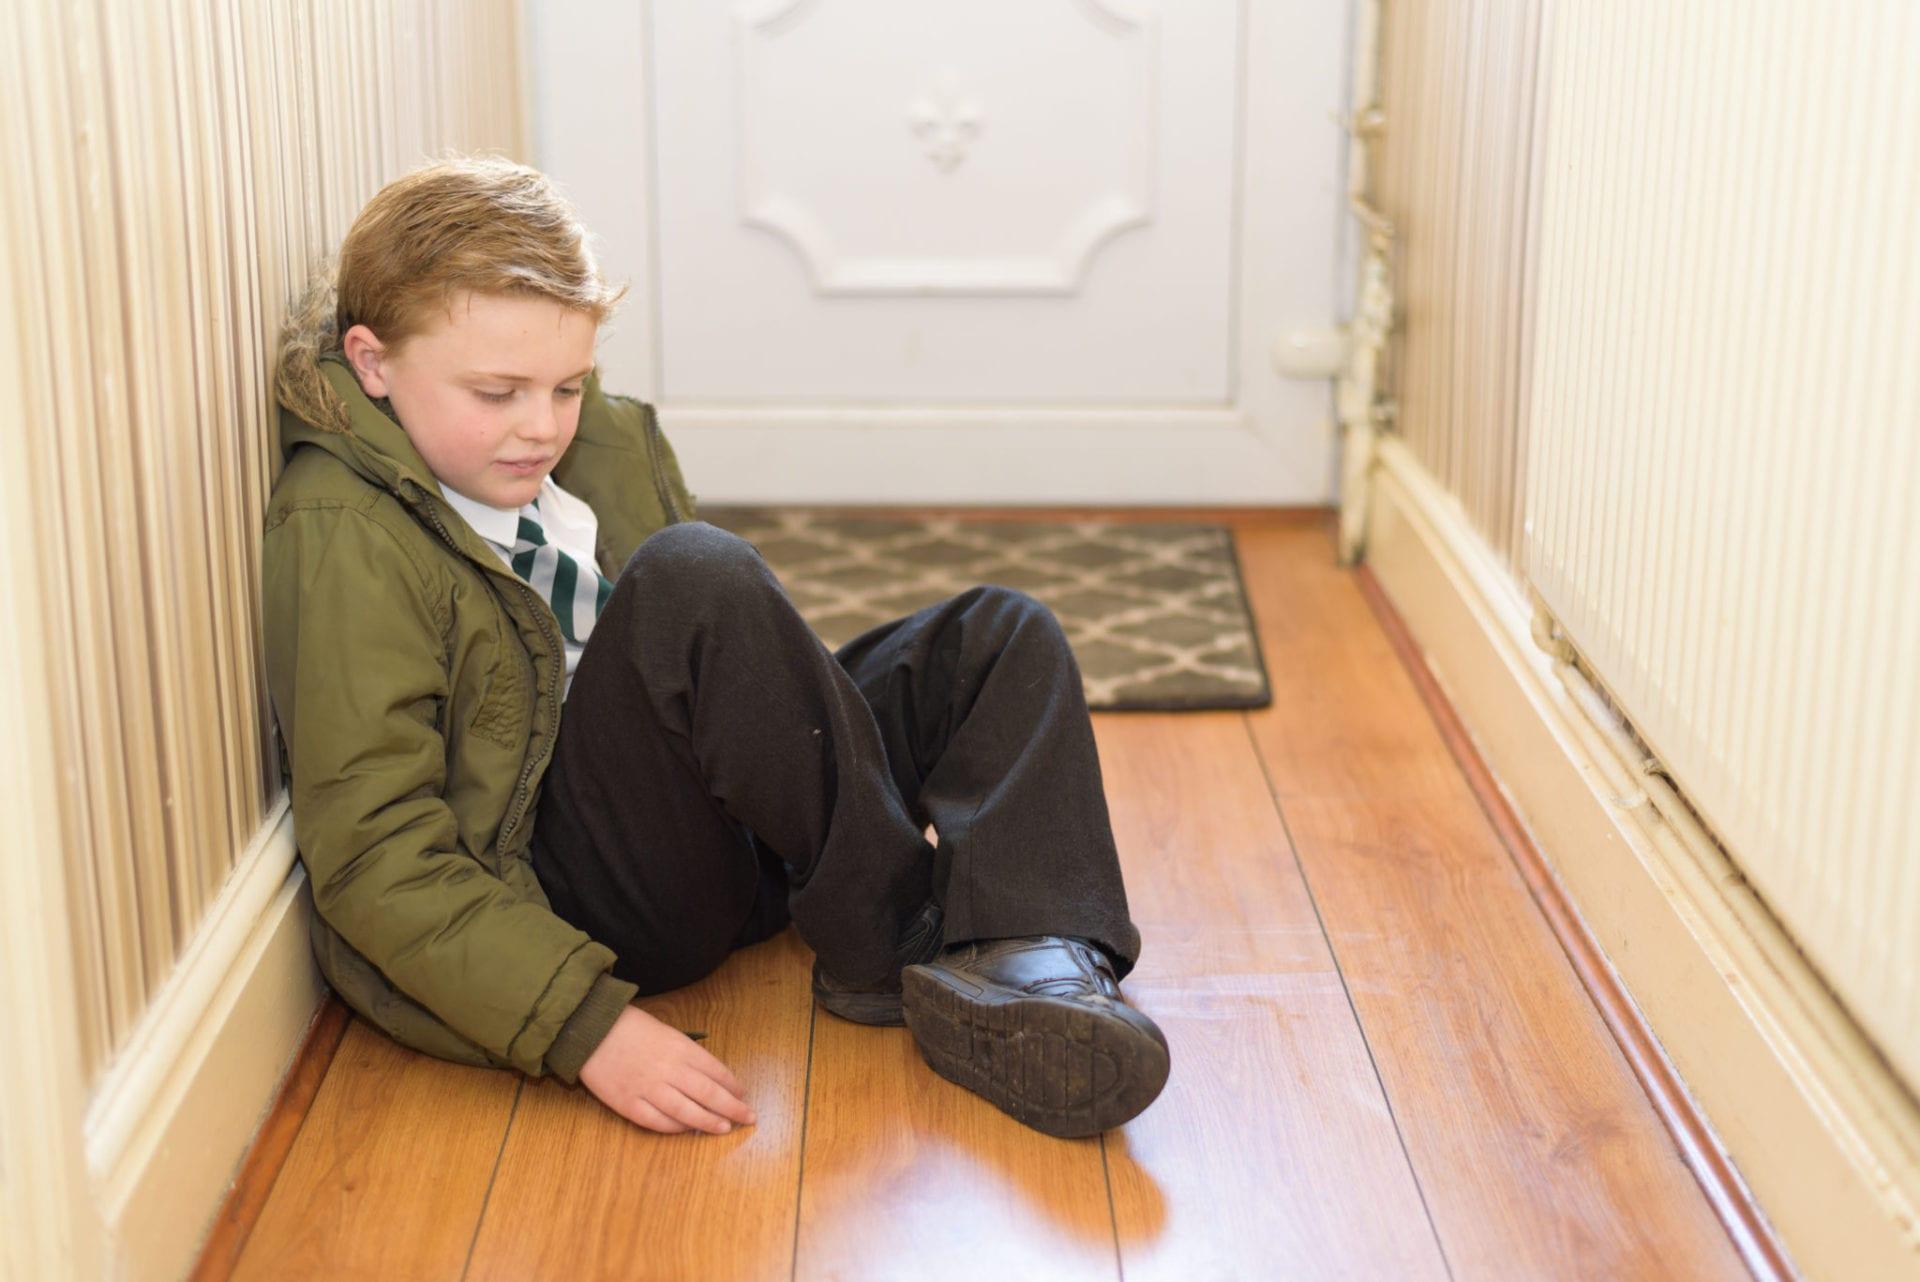 wearing school uniform